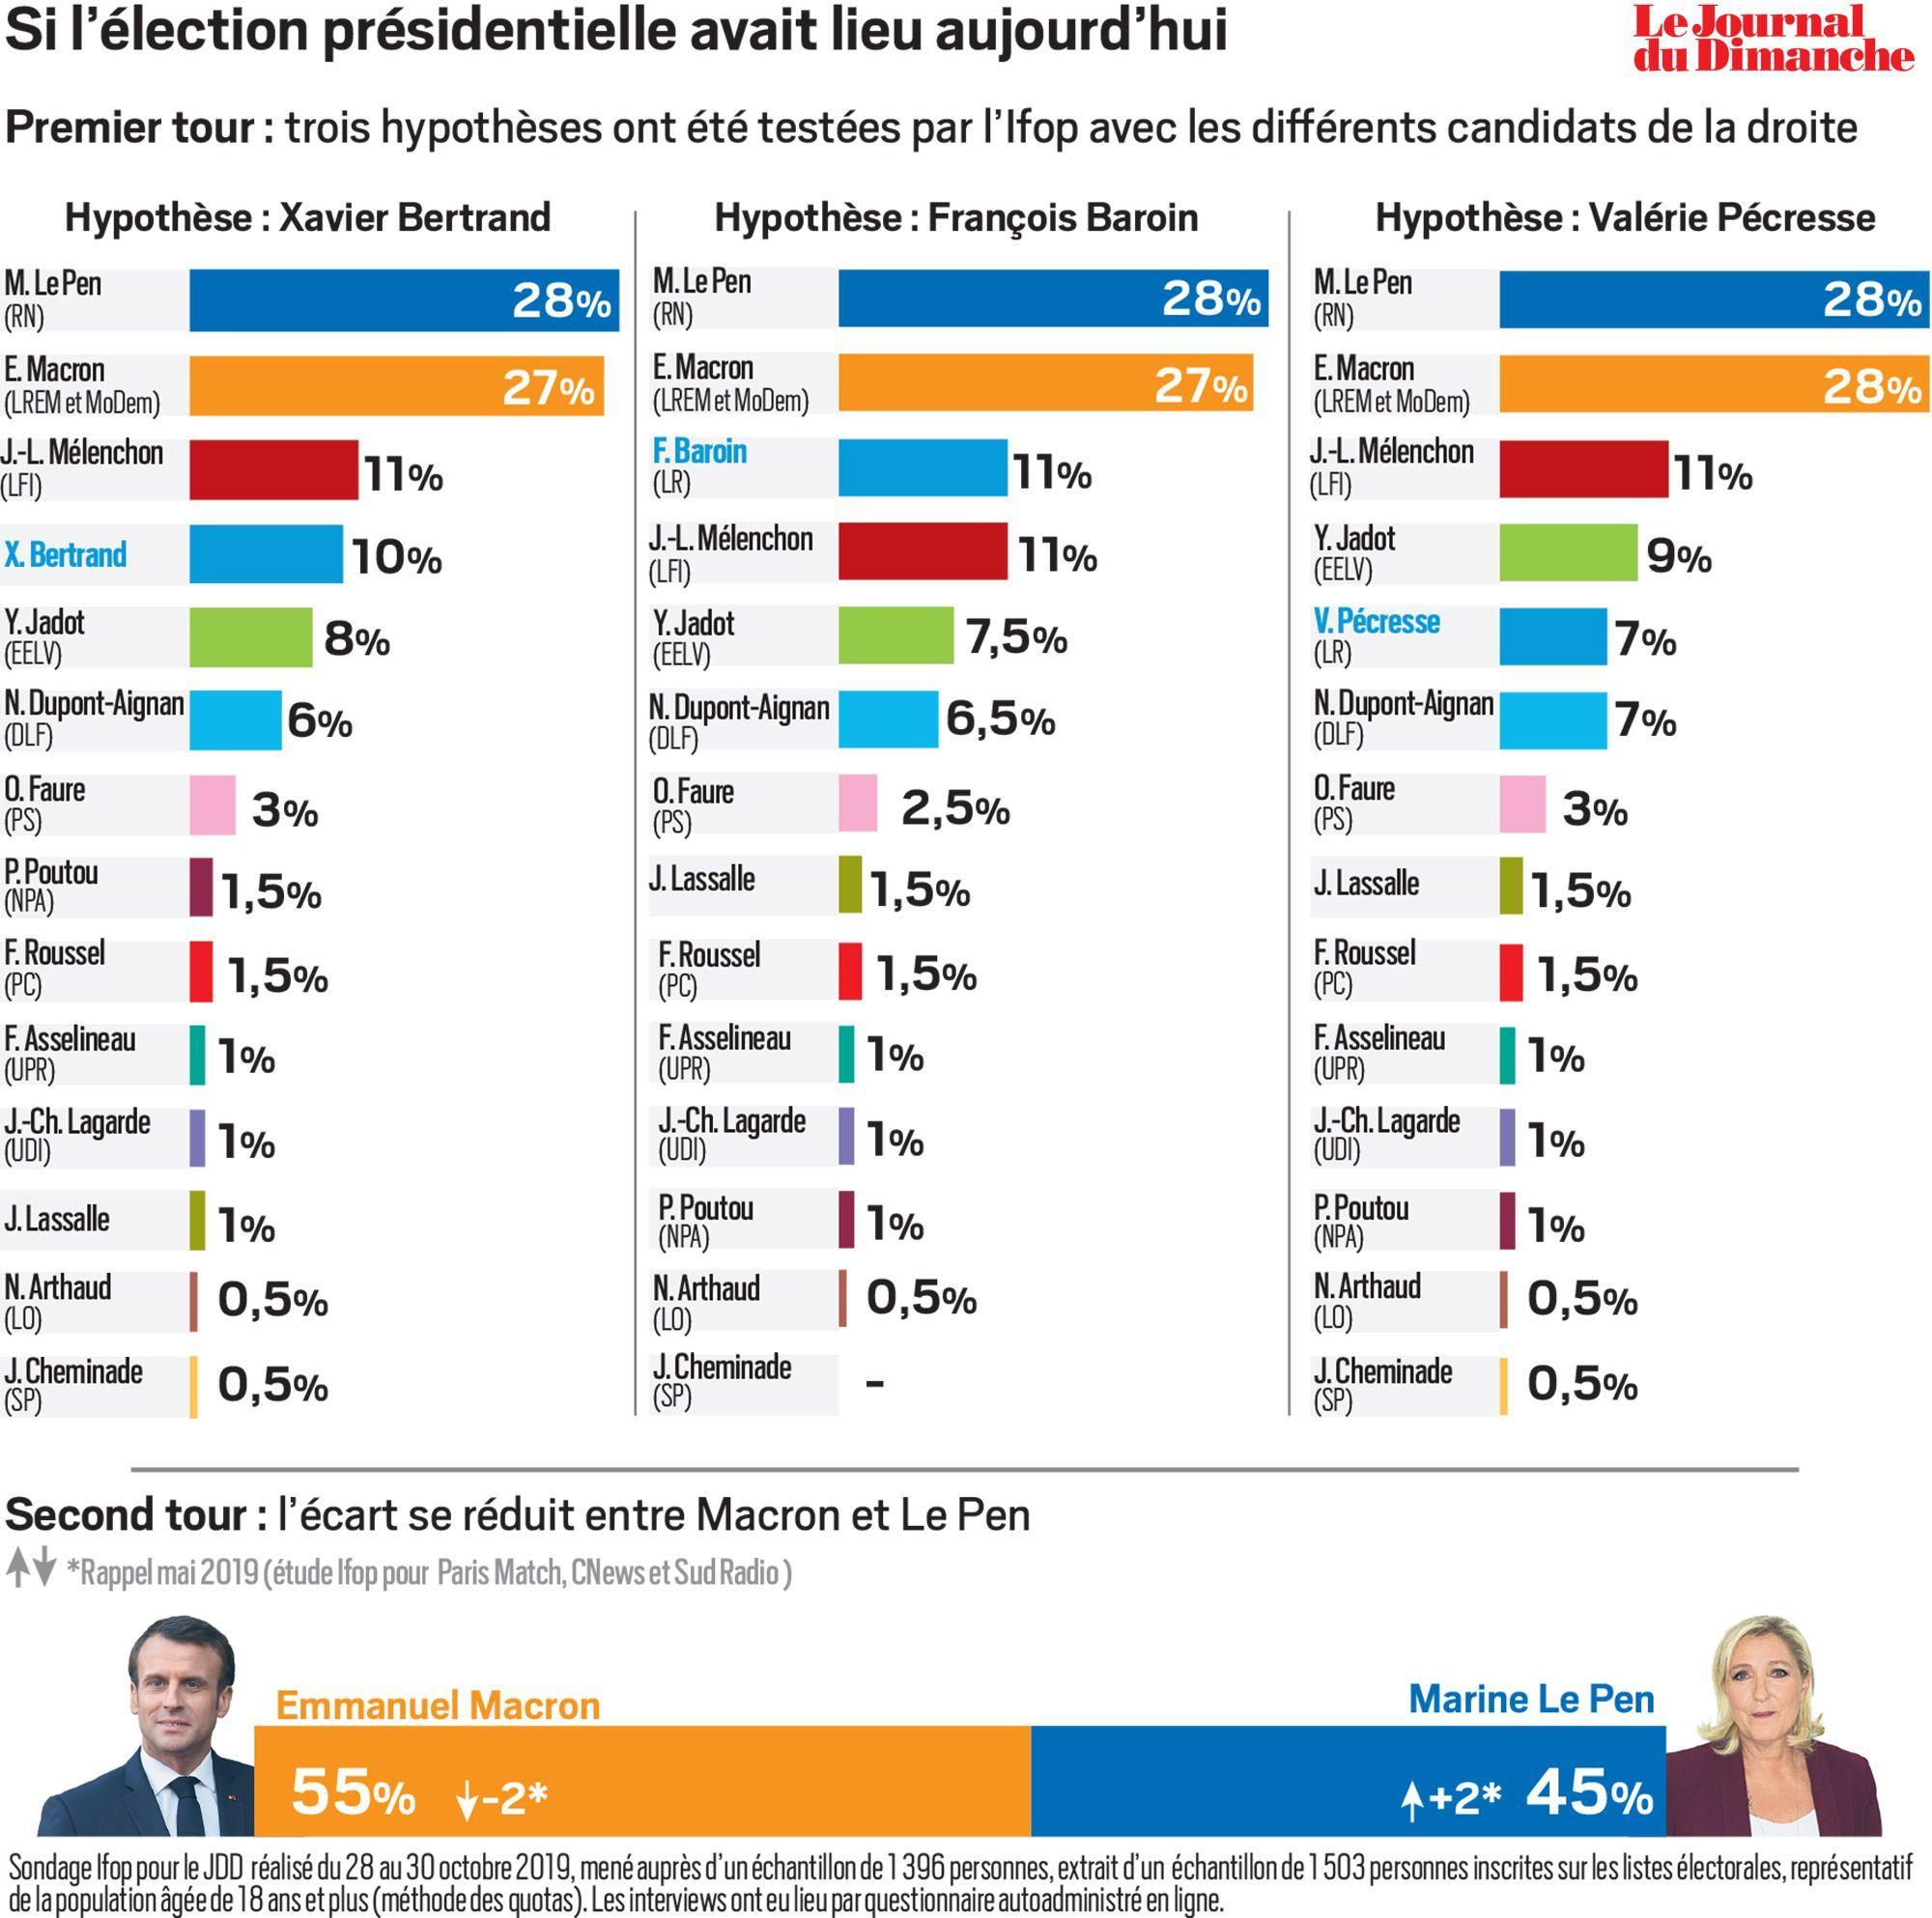 Les éléments « moteurs » français … Sondage-Ifop-JDD-les-intentions-de-vote-a-la-prochaine-election-presidentielle